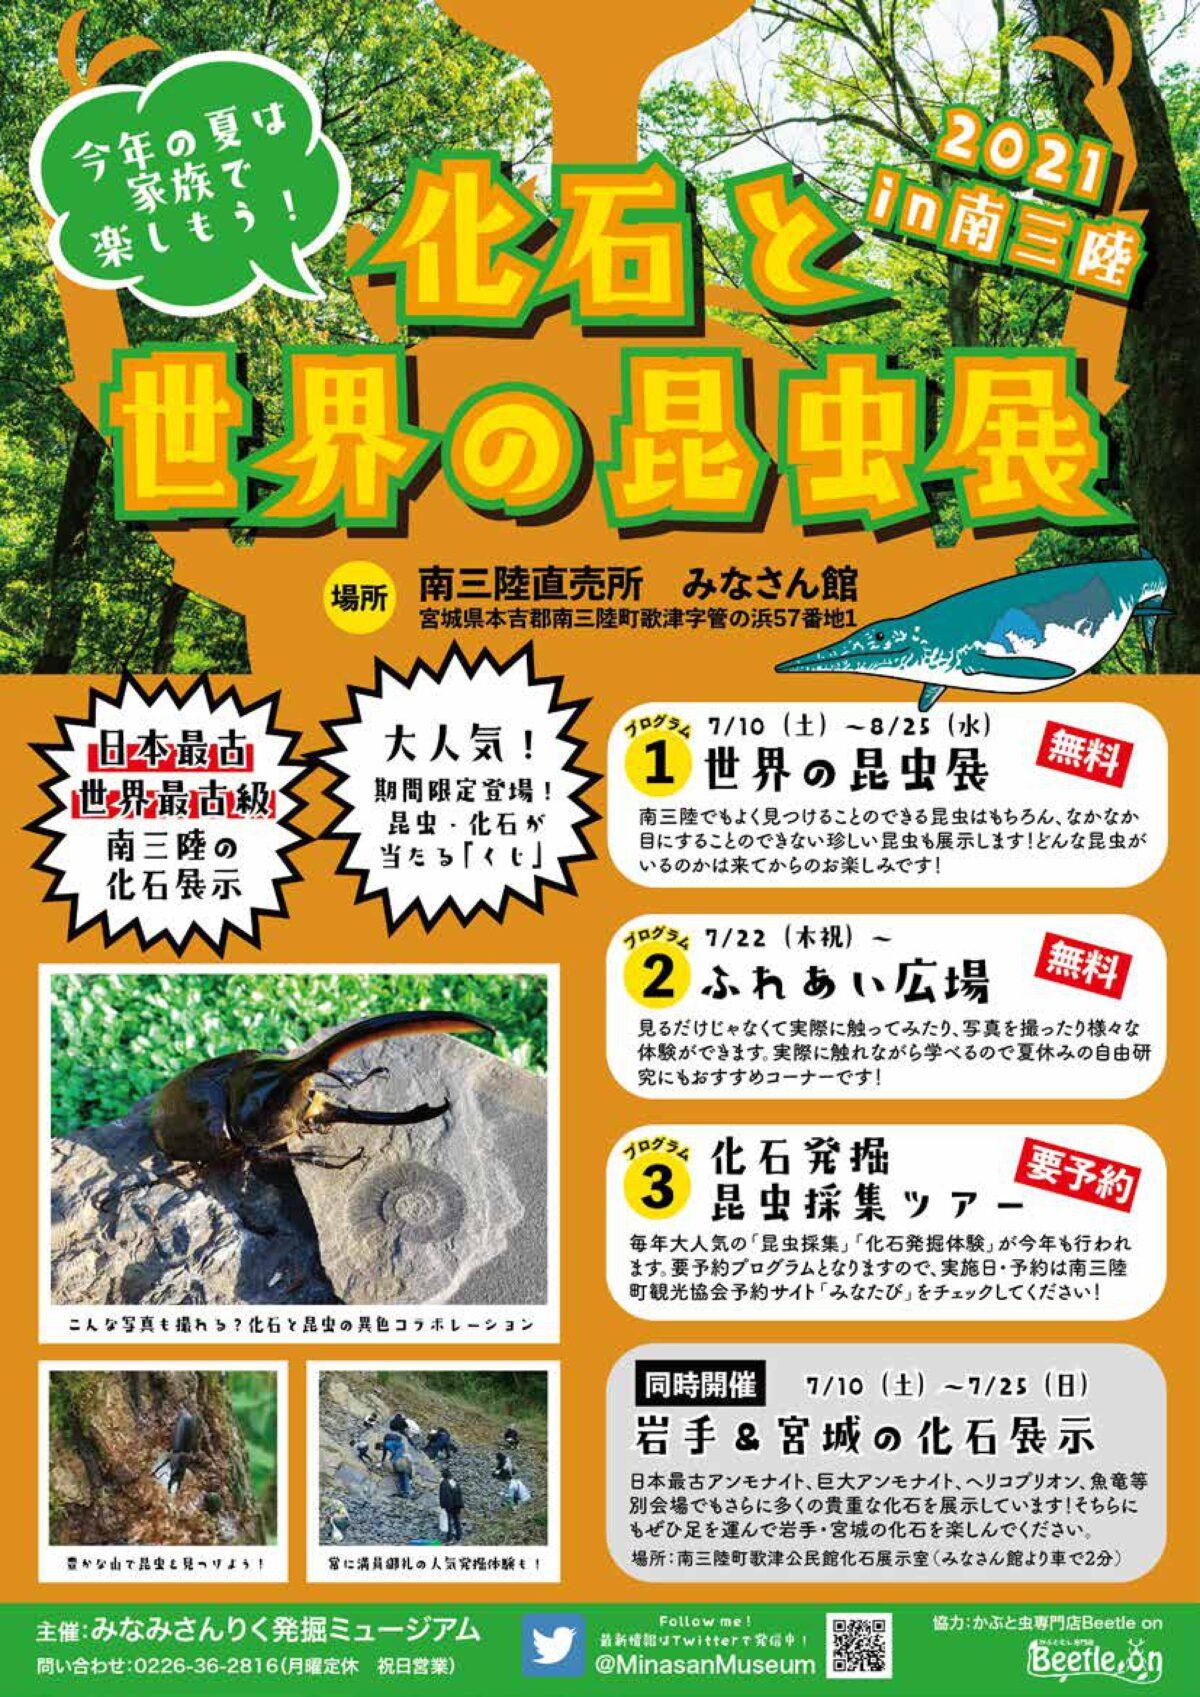 さんさん商店街から車で15分!夏休みに楽しめる『化石と世界の昆虫展』開催中!